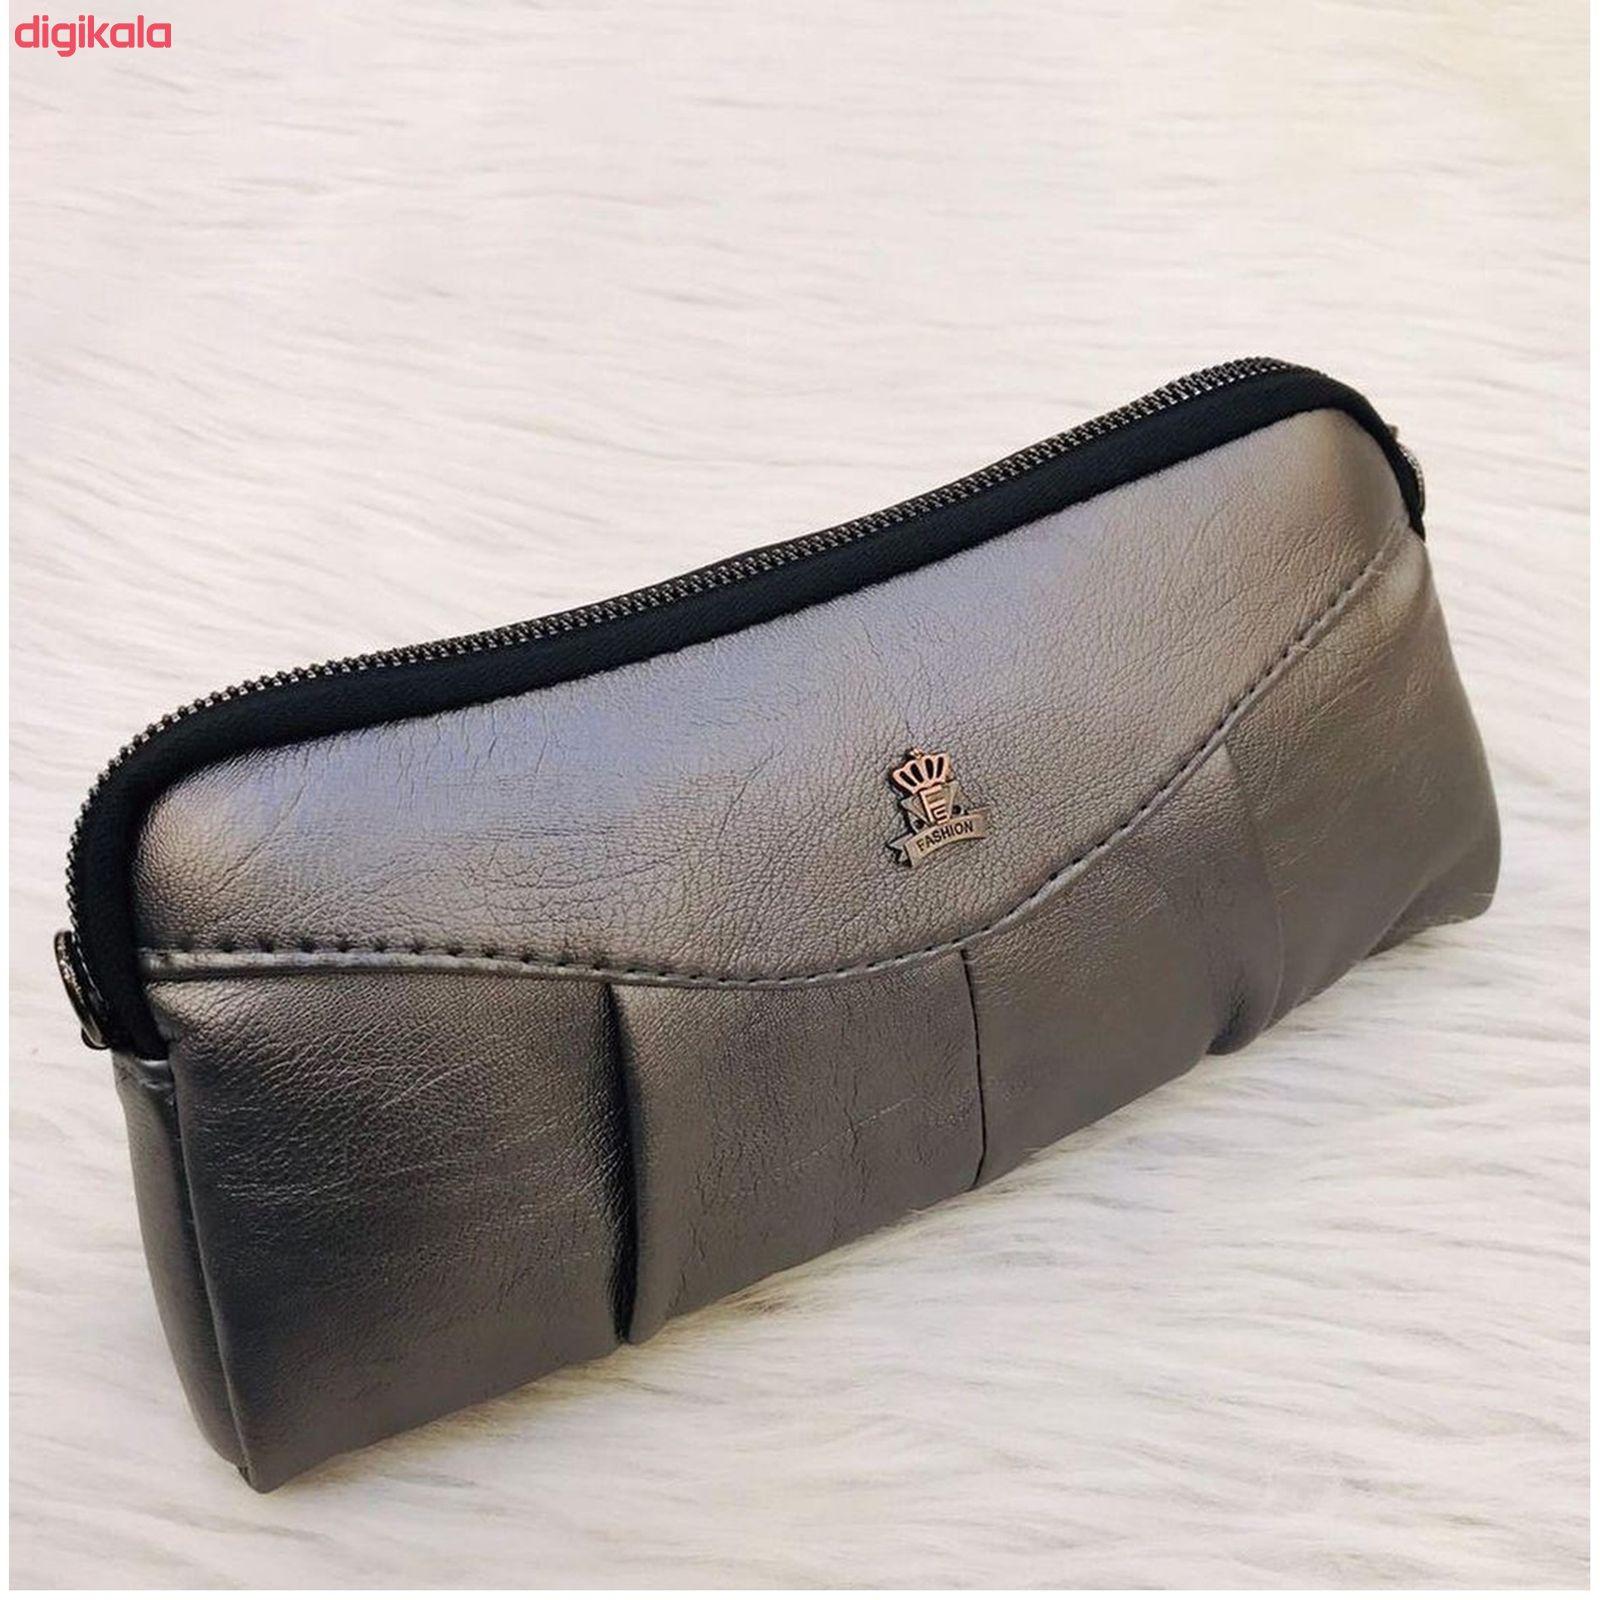 کیف دستی زنانه مدل ملکه main 1 5